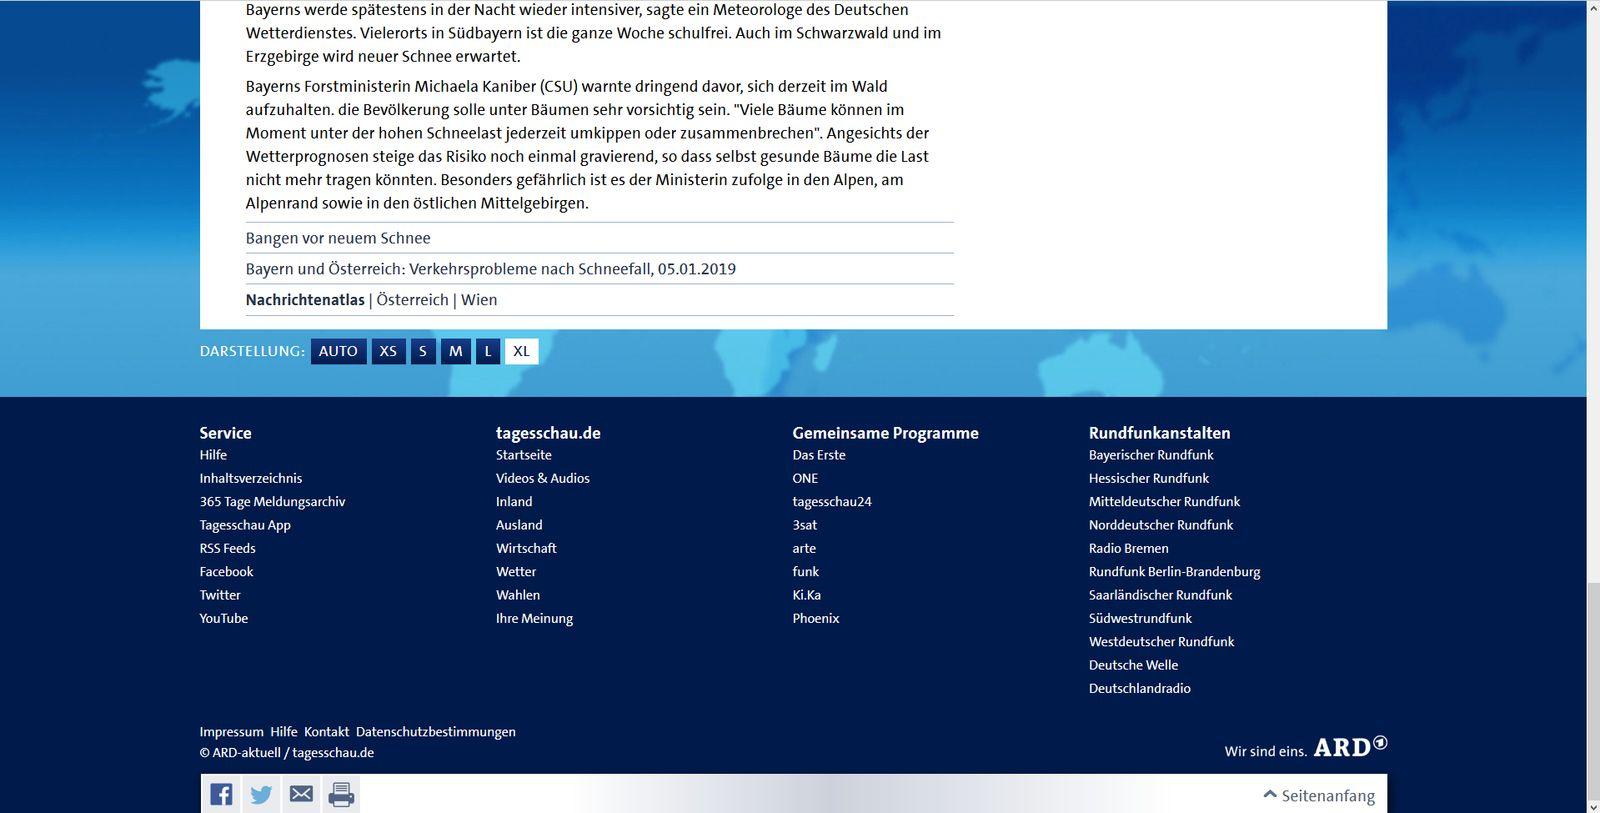 Firefox: Schneewarnstufe Rot in Österreich - Tagesschau.de (4)